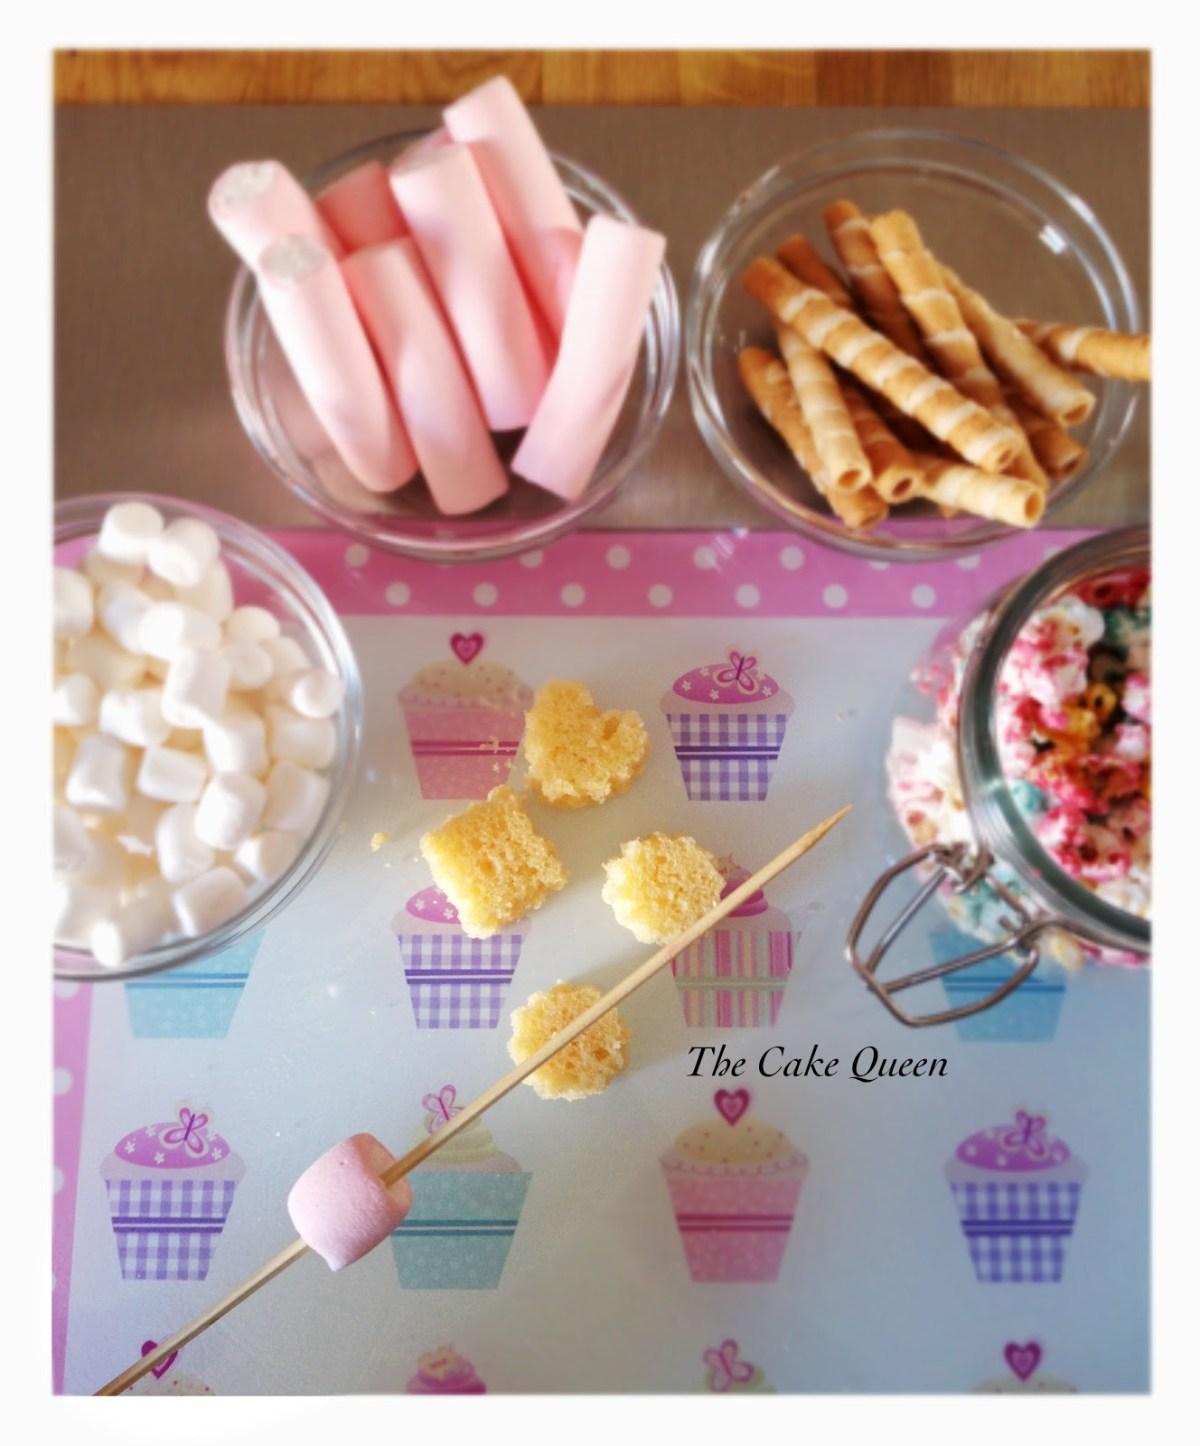 Brochetas de gominas: en nuestro palito de madera, empezamos a colocar nuestros marshmallows, trozos de tarta, fresas y nuestros barquillos, estos los colocamos en el orden que más nos guste